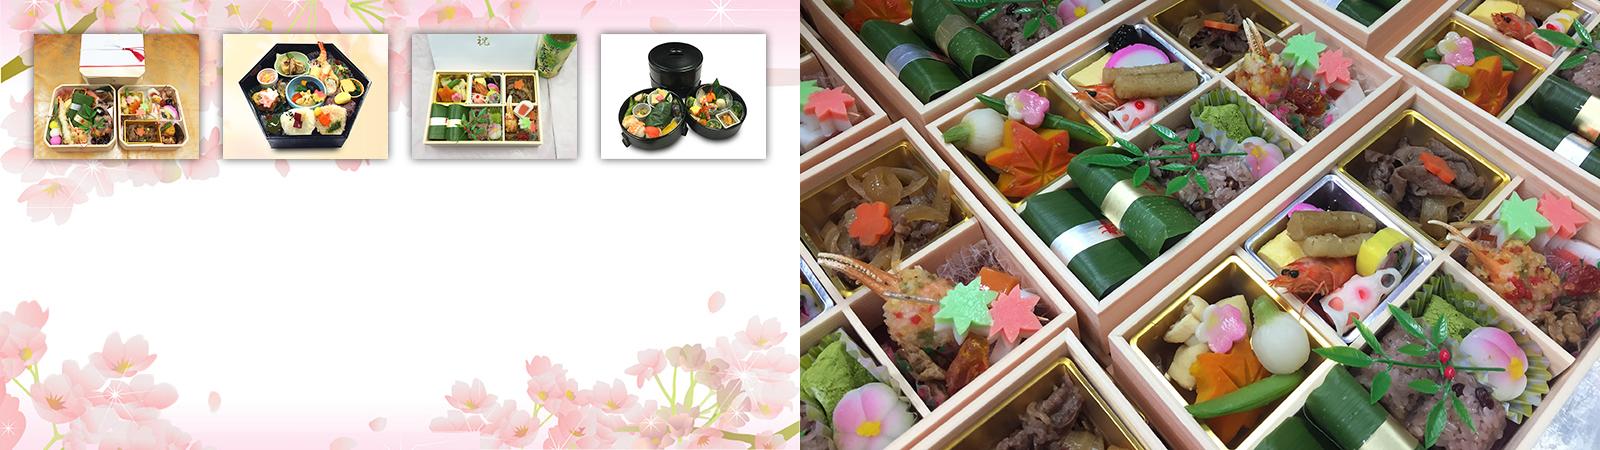 ケータリングは京都の料理工房ホワイトファミリーにおまかせください!